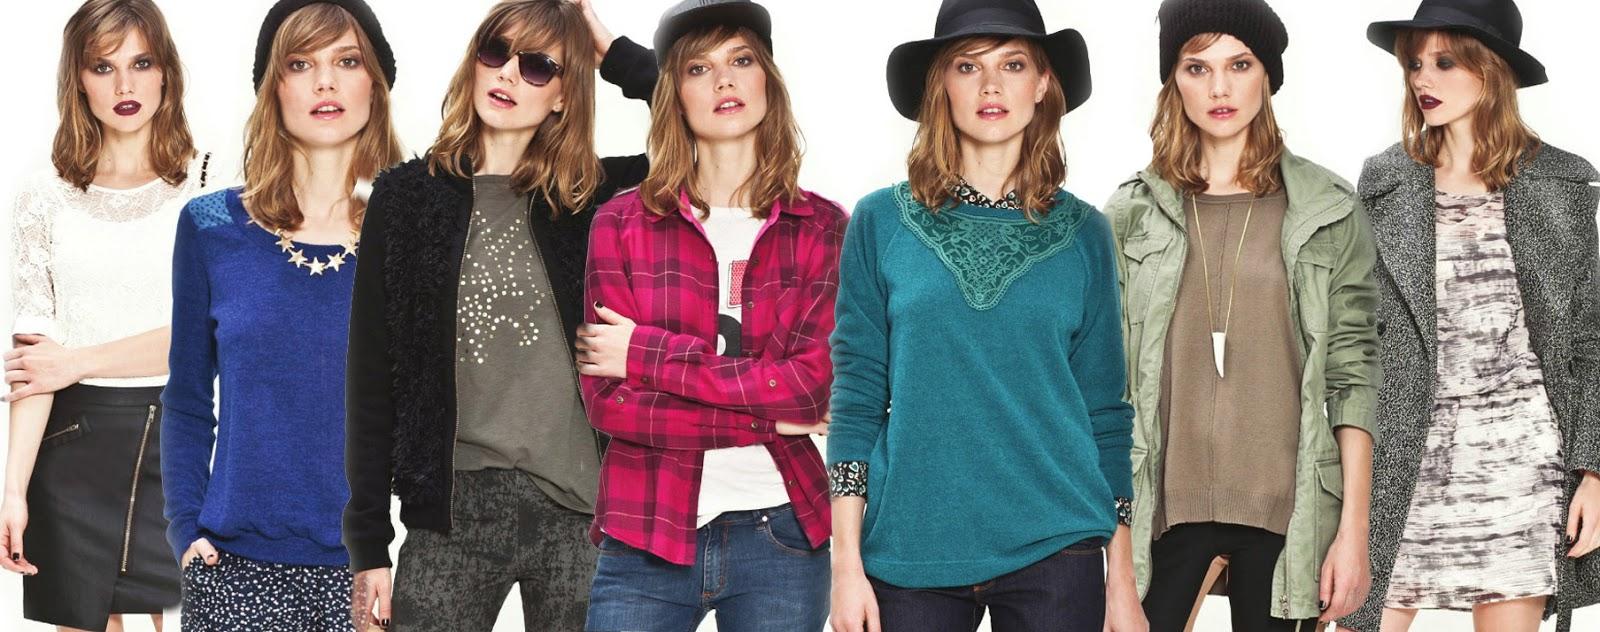 moda otoño invierno 2014 asterisco moda 2014